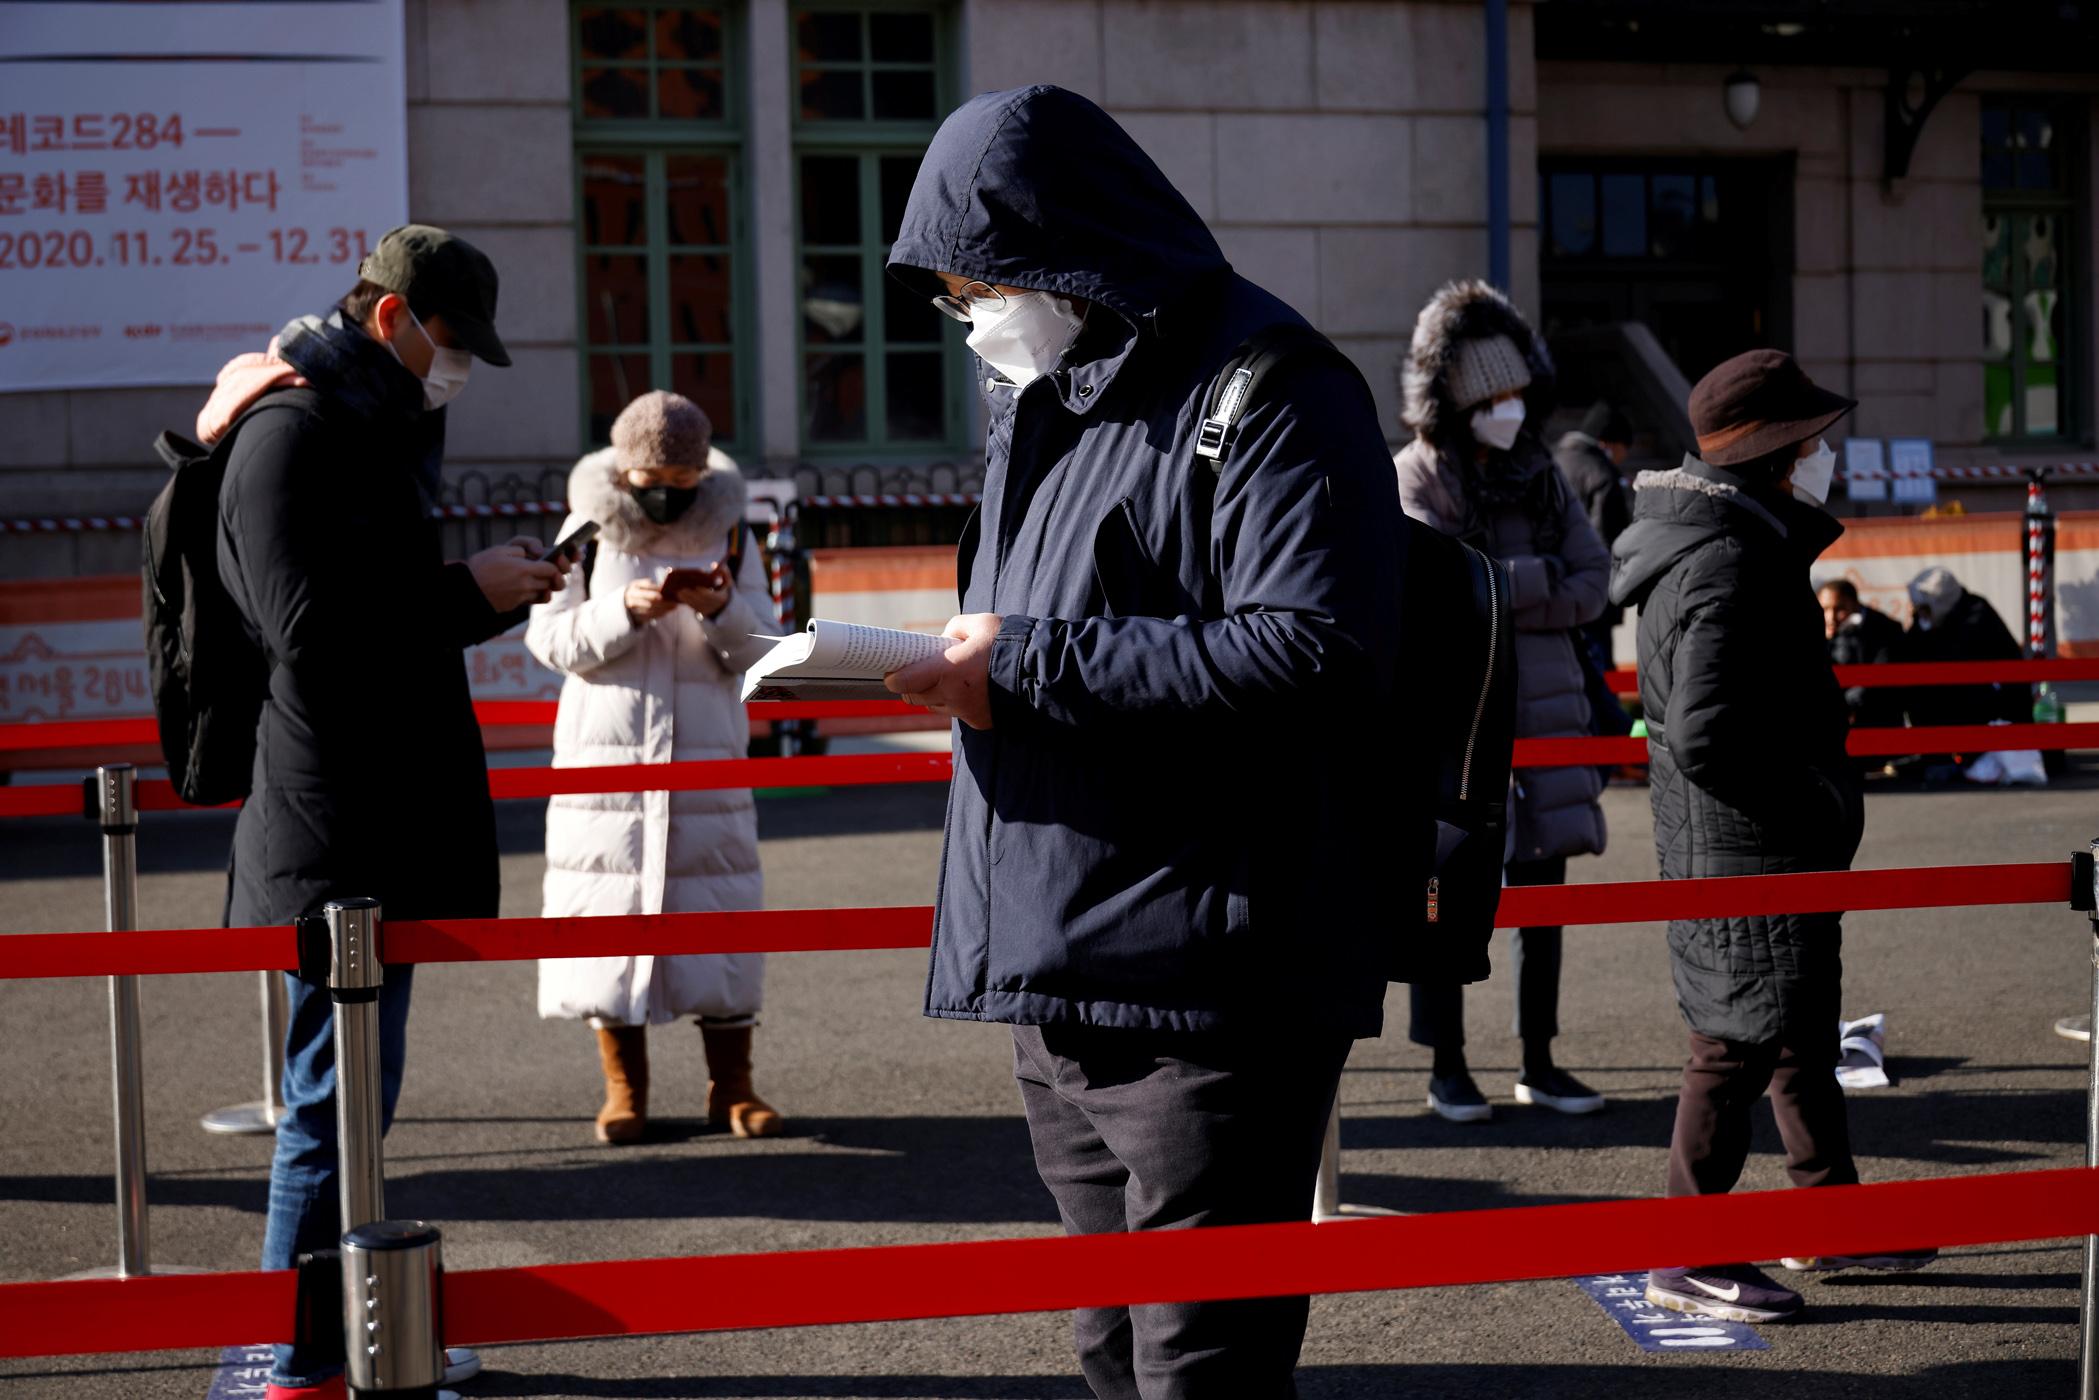 Νότια Κορέα: Επεκτείνεται το αυστηρό lockdown στη Σεούλ